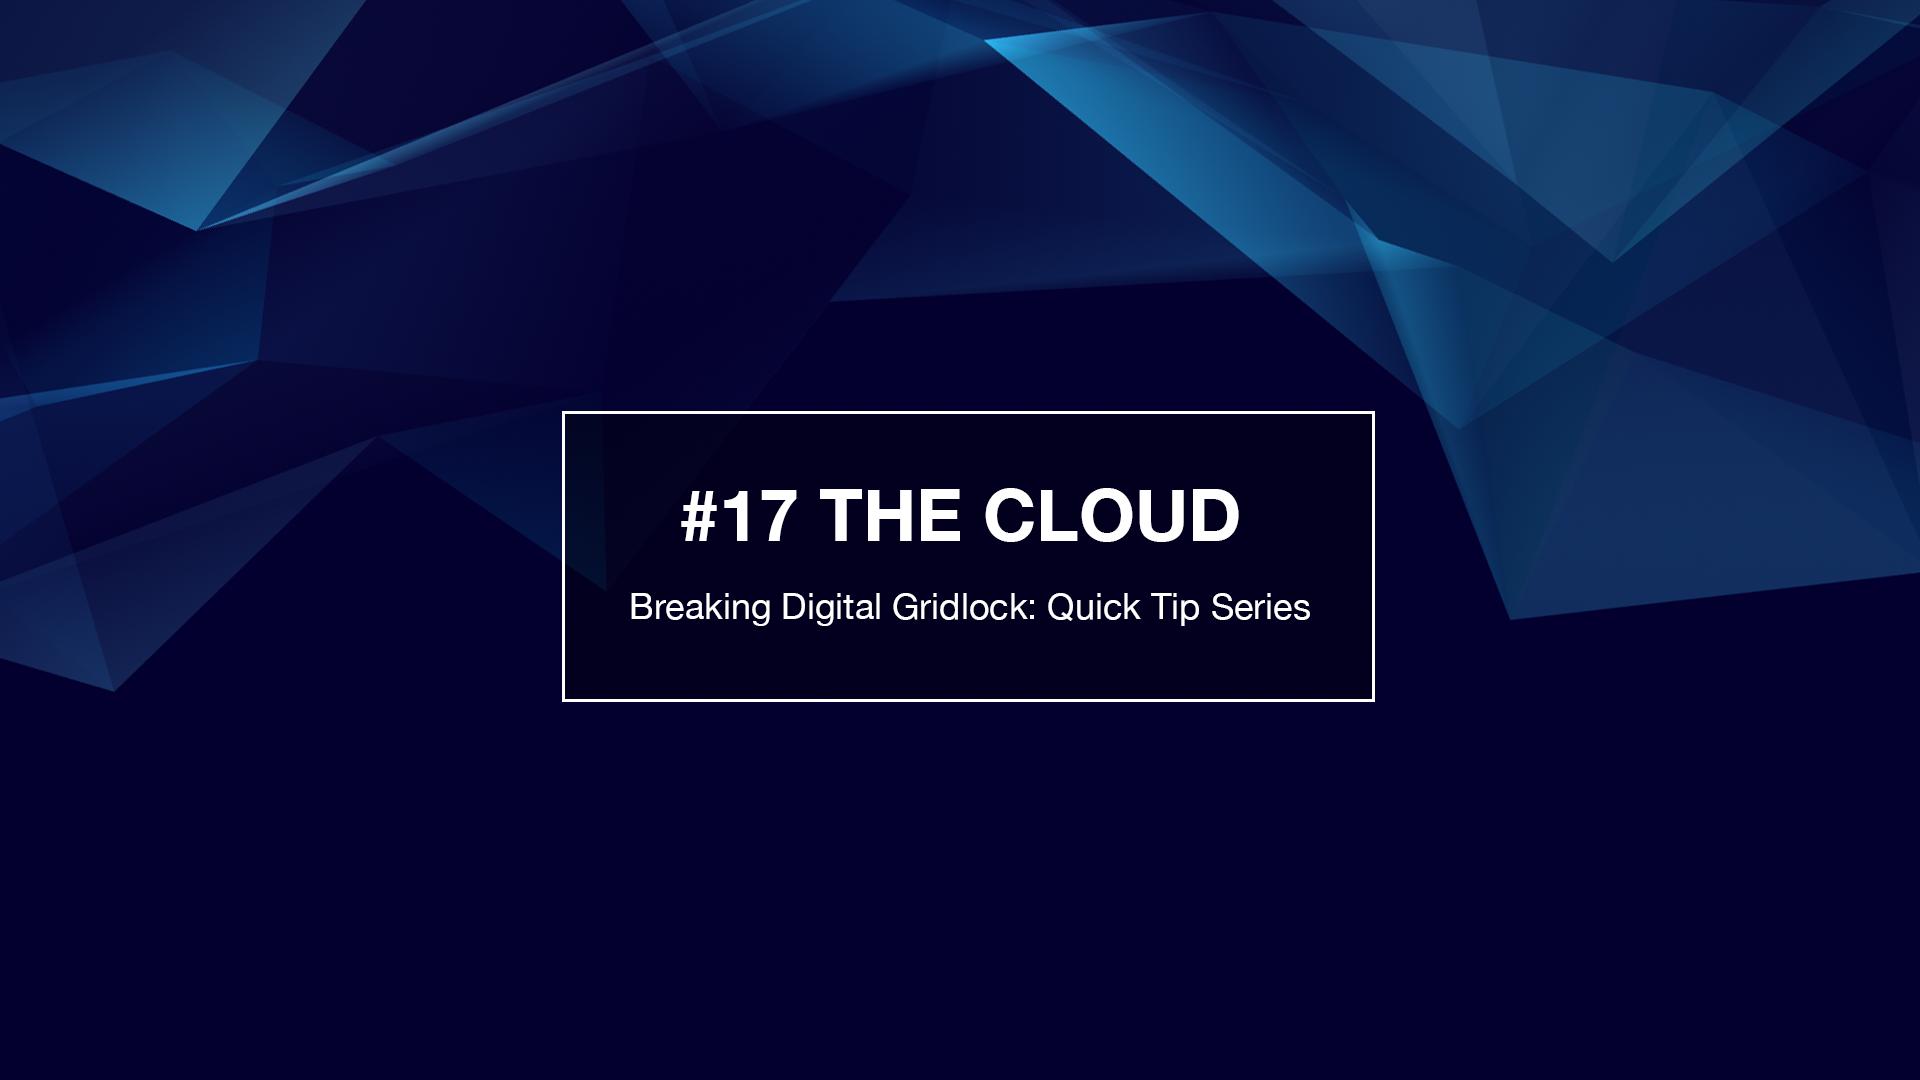 Breaking Weekly Digital Gridlock Tip #17: The Cloud